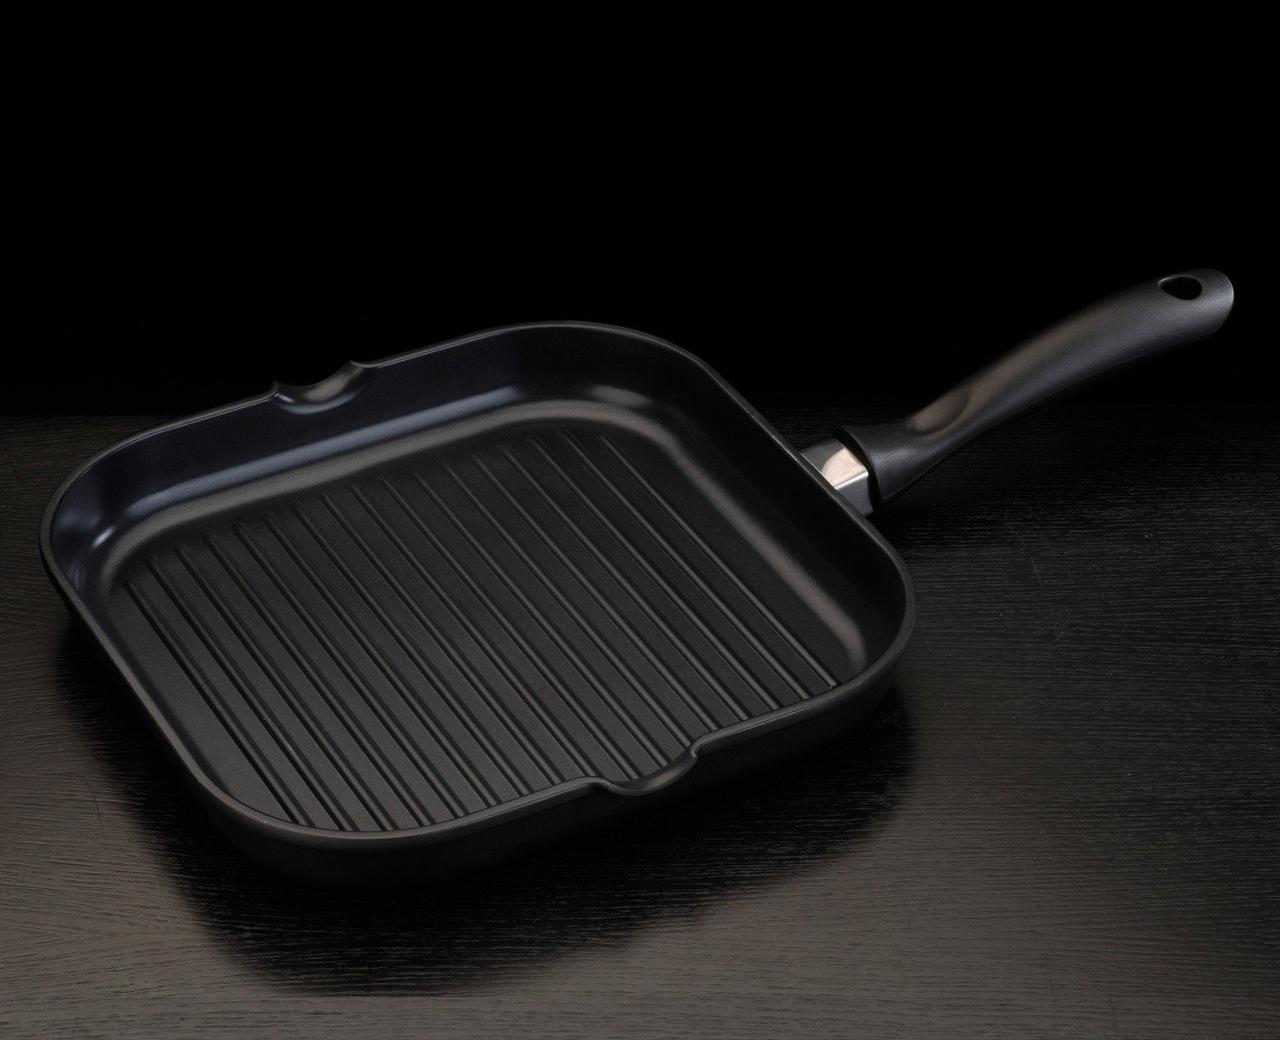 прокаливание чугунной сковородки